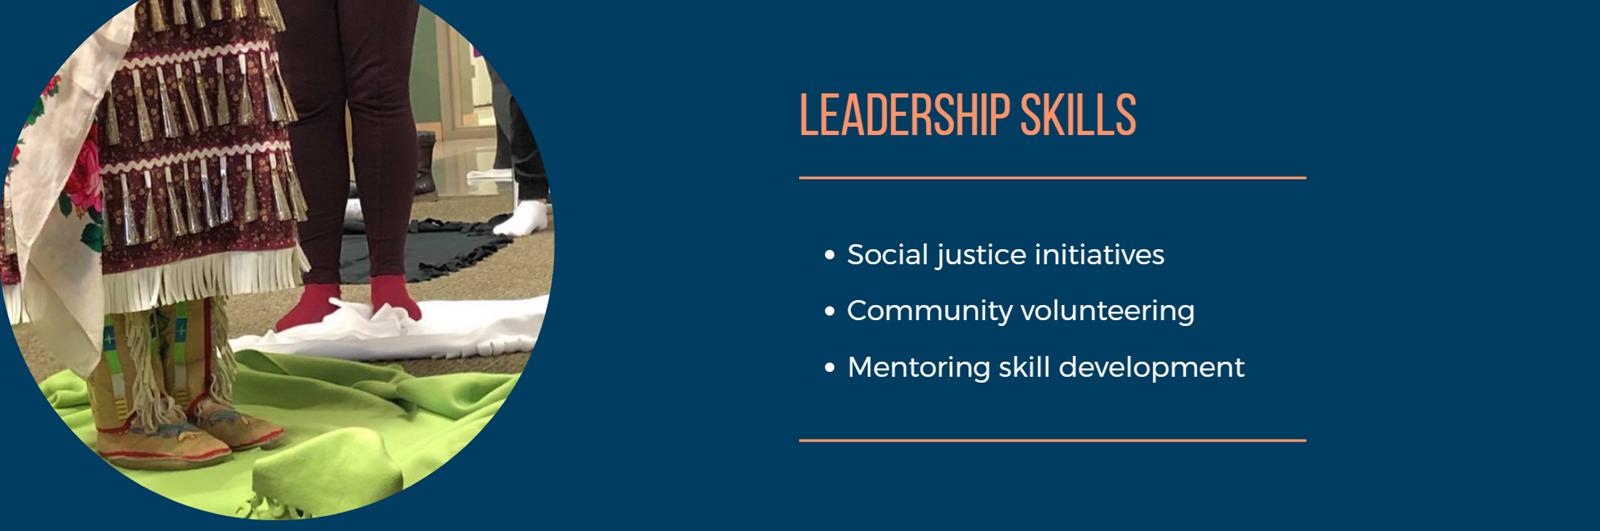 04 Leadership Skills BrJrys-1.png